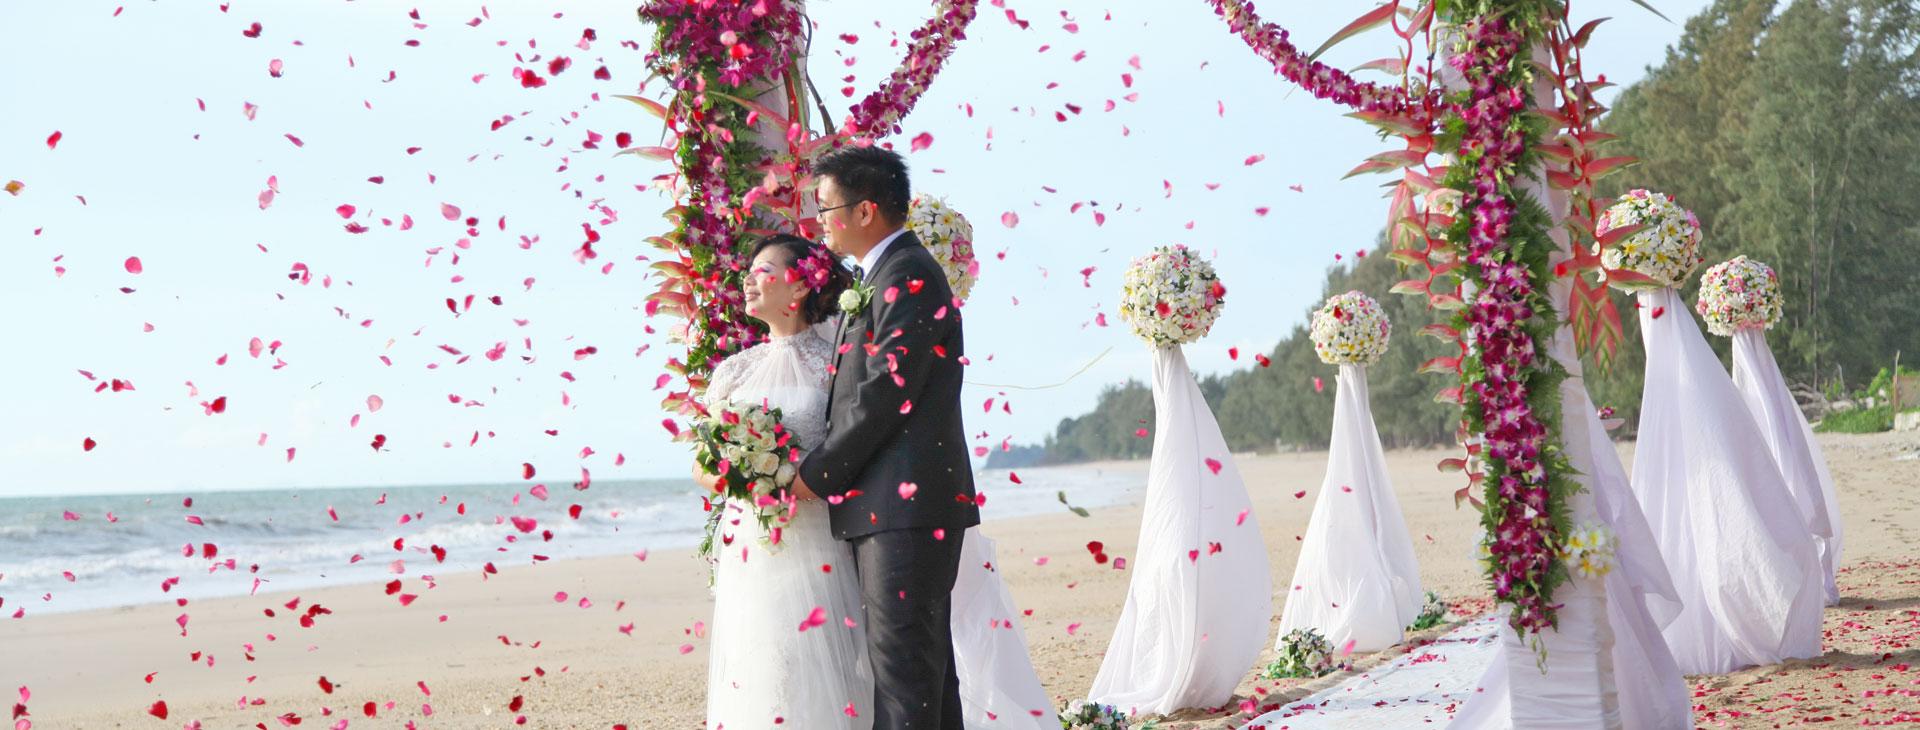 Matrimonio In Thailandia : Matrimonio sulla spiaggia in thailandia fant asia travel